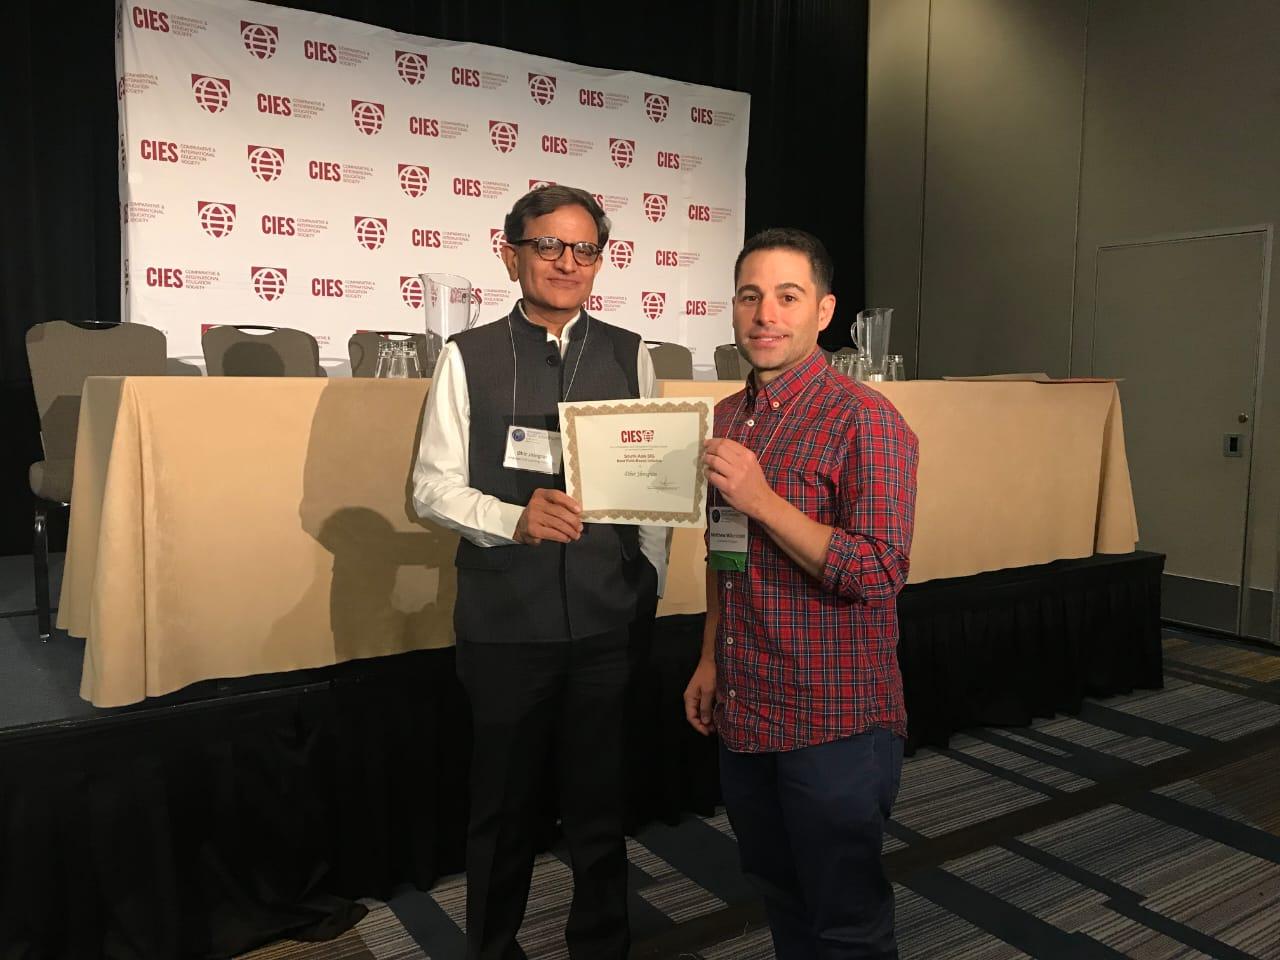 Best Field Initiative Award at CIES 2019